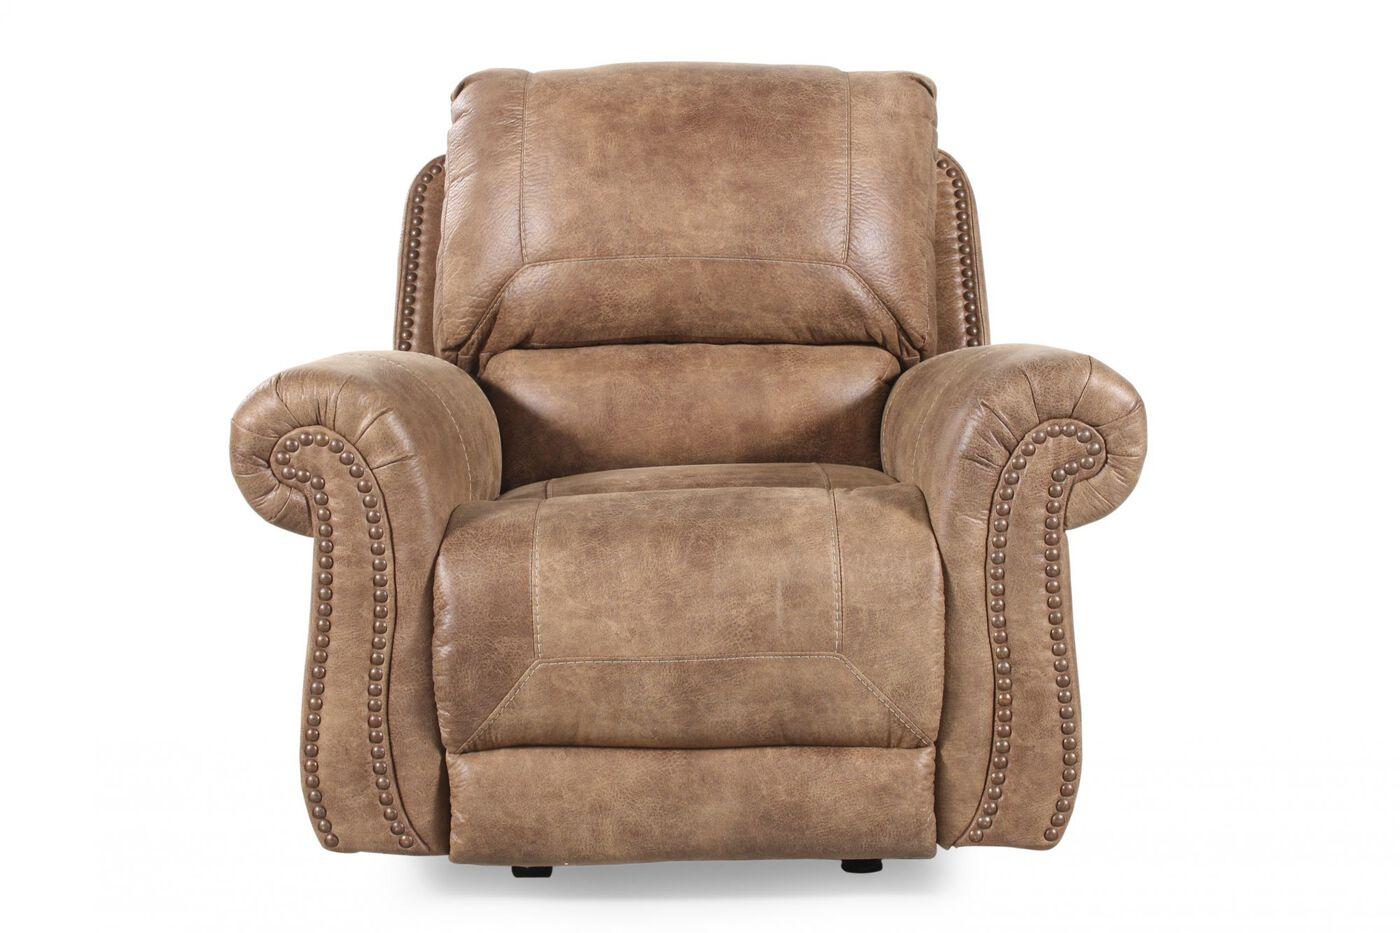 ashley larkinhurst rocker recliner mathis brothers furniture. Black Bedroom Furniture Sets. Home Design Ideas